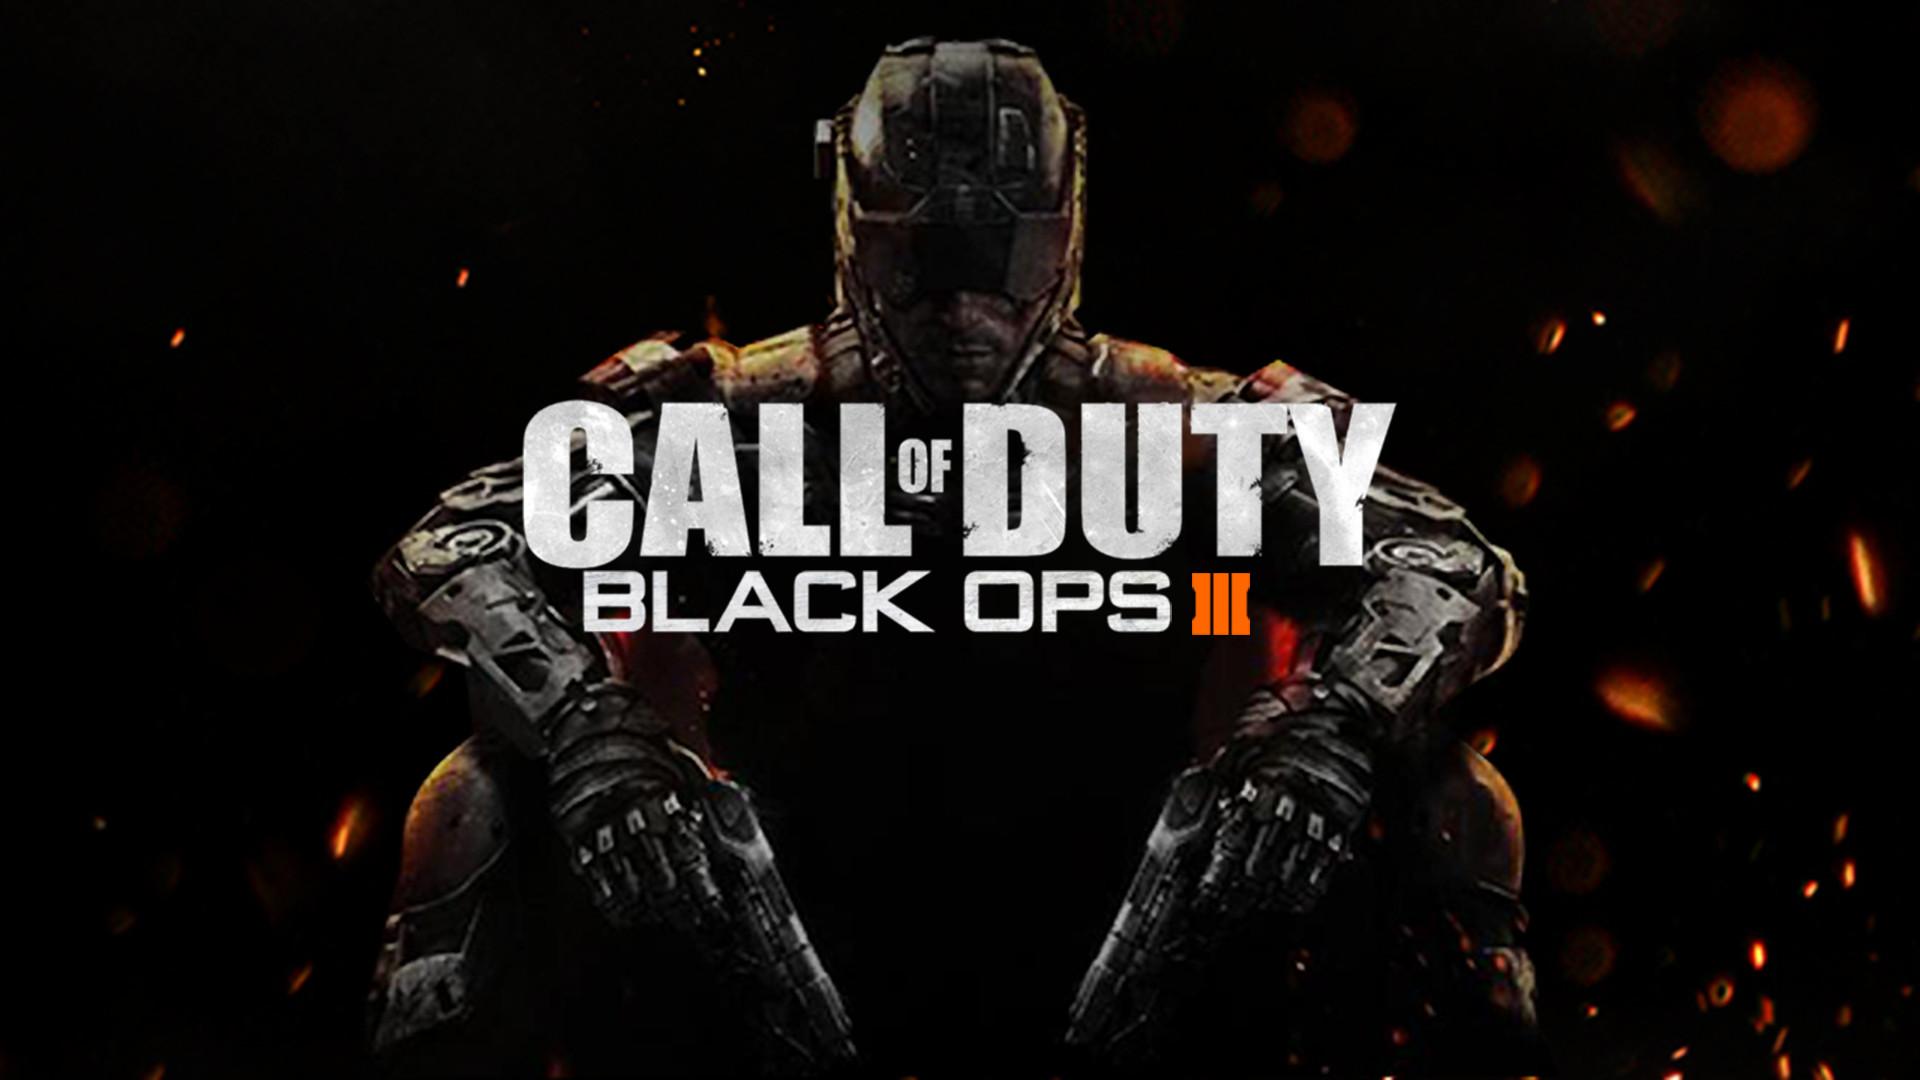 Nichts da, Current-Gen-Exklusiv-Game! Das nächste Call of Duty